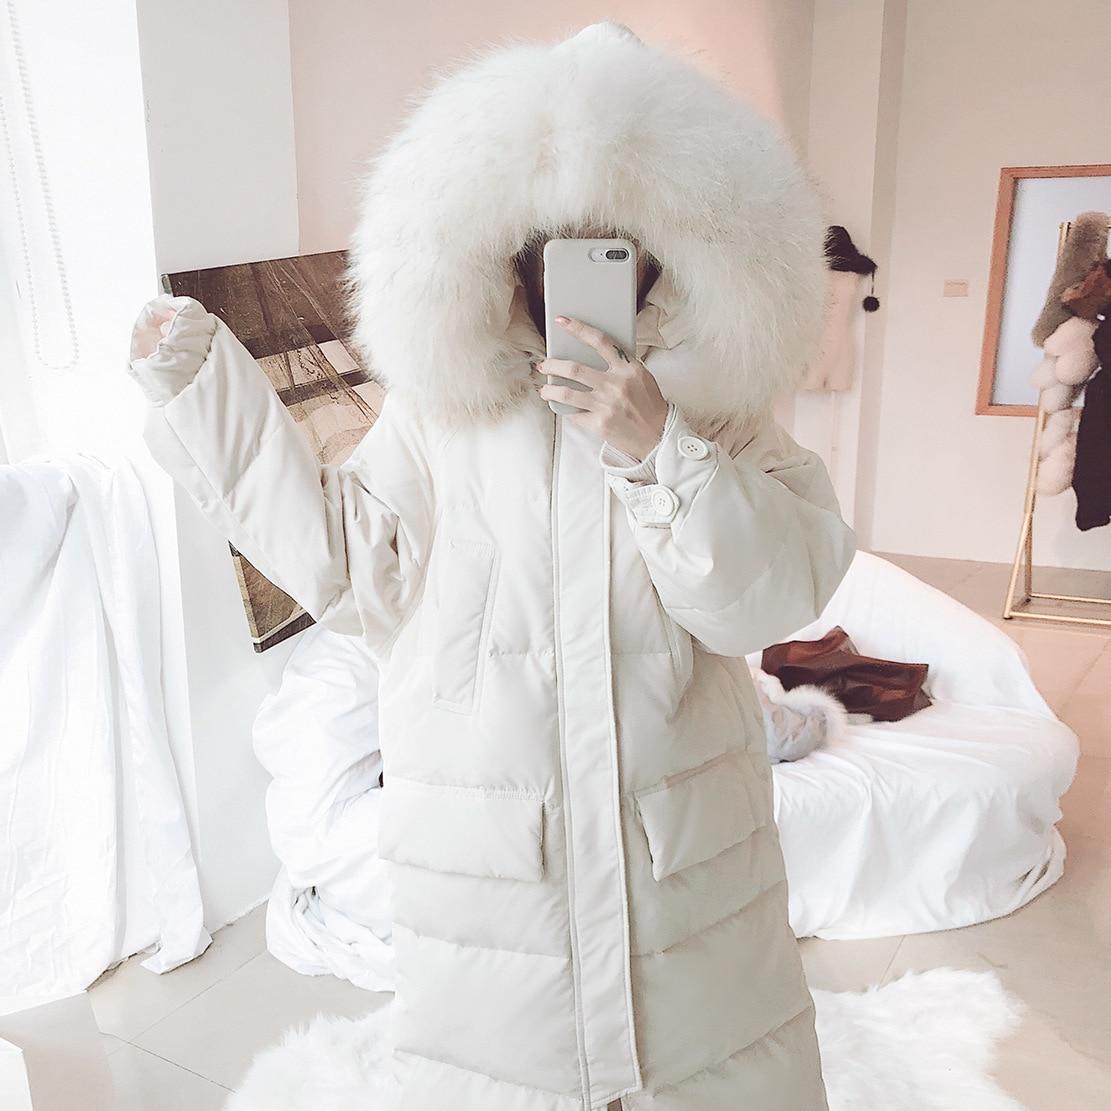 Manteau Laveur Corée De Oversize Raton À Des Capuche Veste By9129 Long creamy white Bas Vers Datachable Black 2018 Fourrure Le Grand Hiver Femme D'hiver Femmes wZTY8v